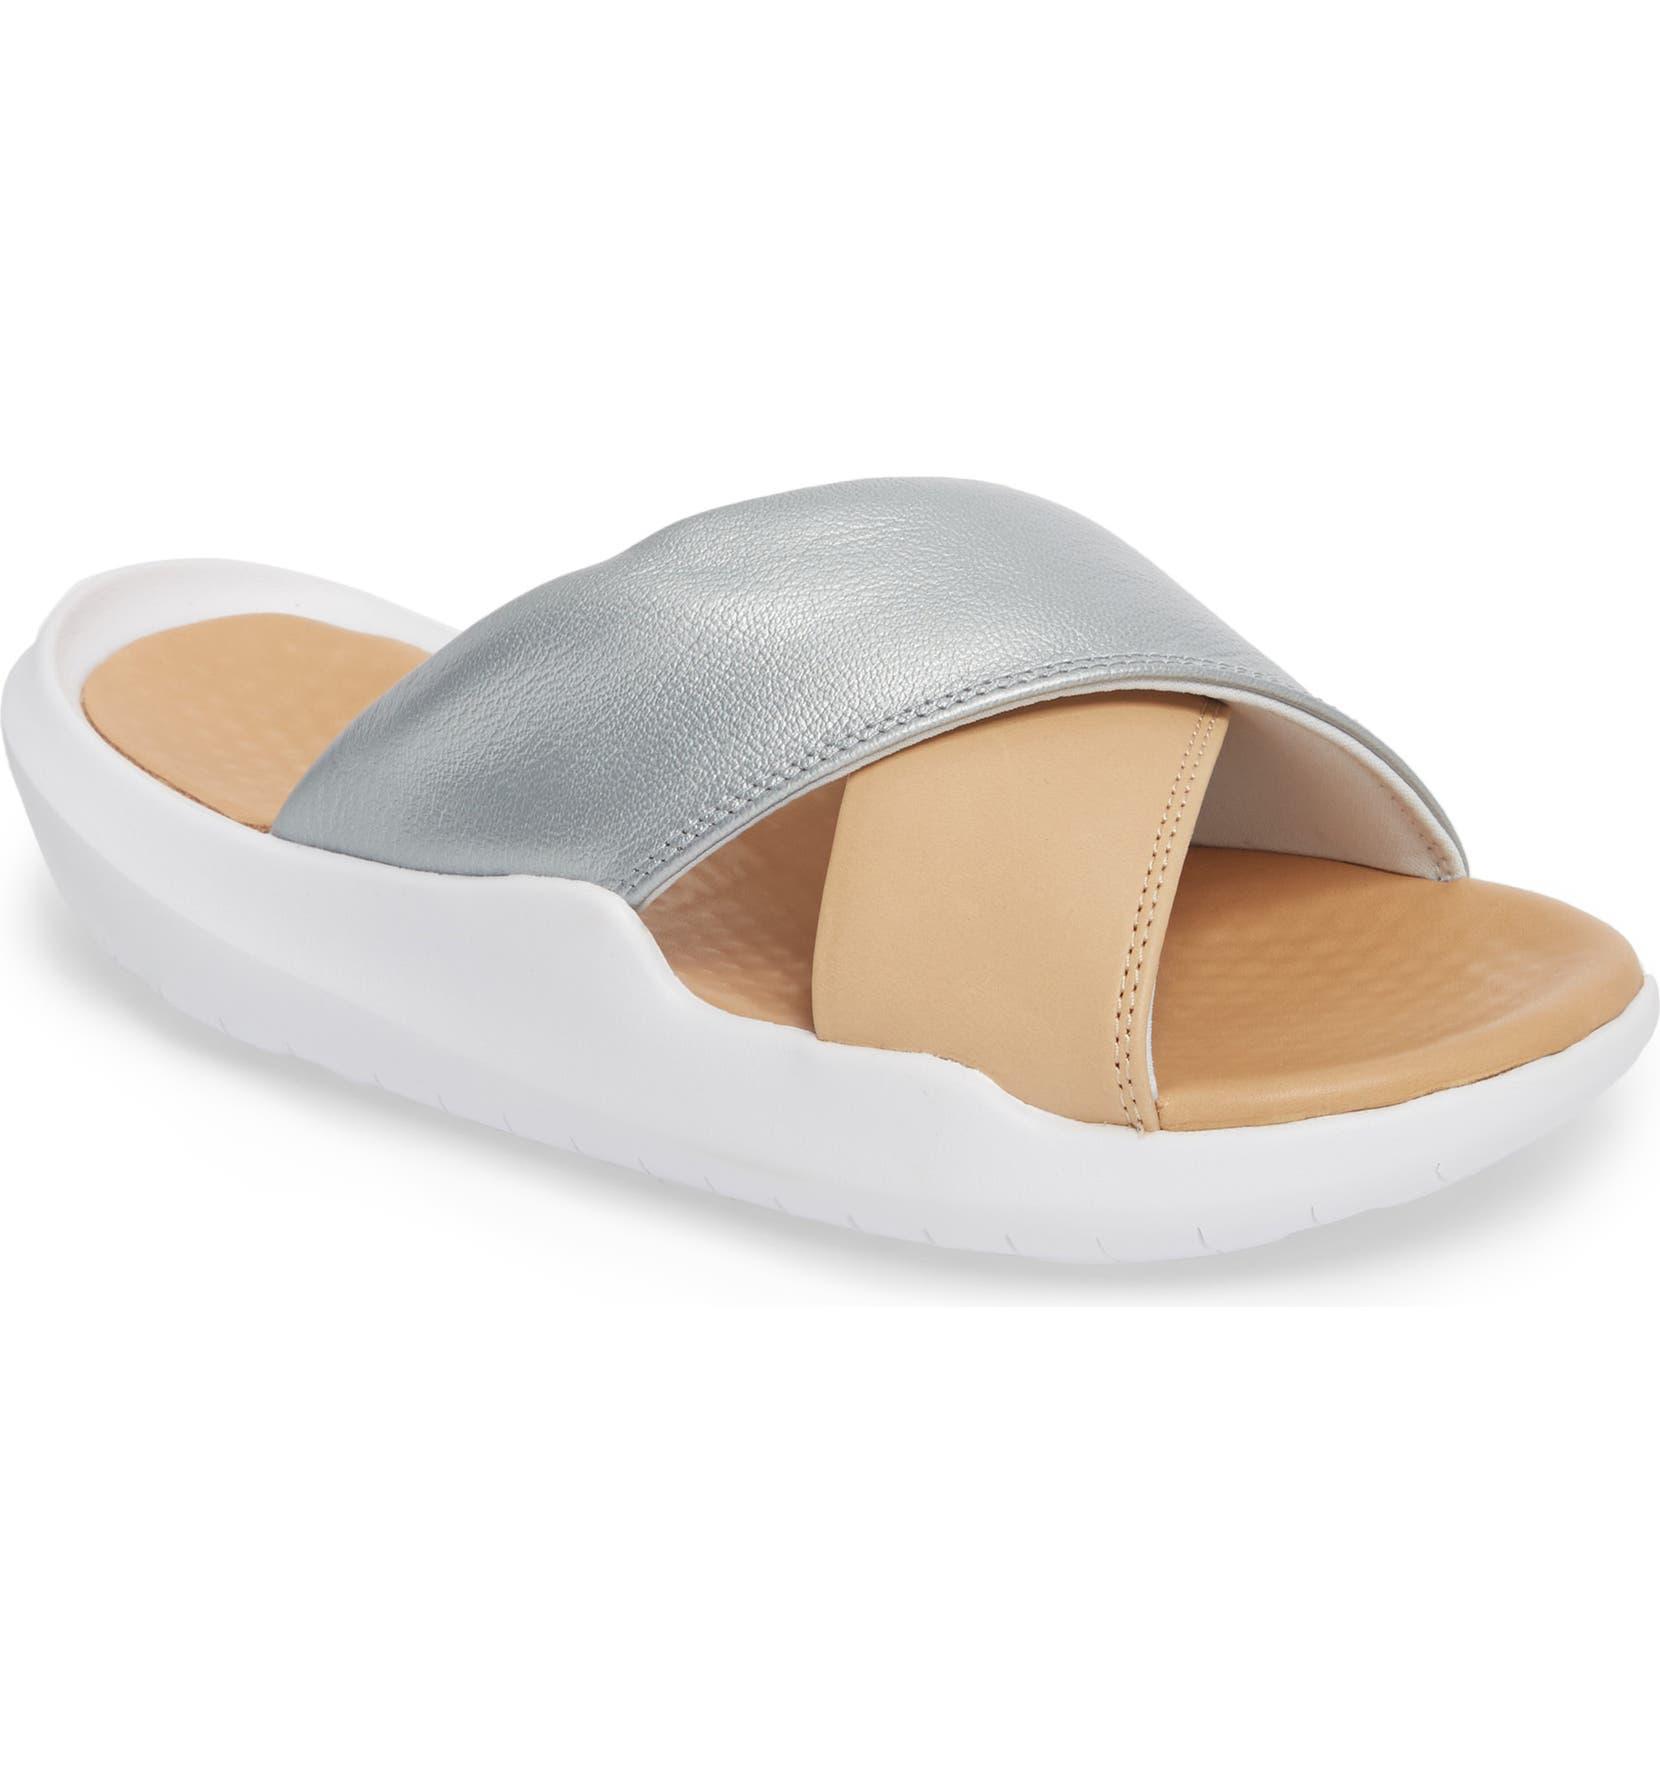 af582d850 Nordstrom x Nike Benassi Future Cross SE Premium Slide (Women ...